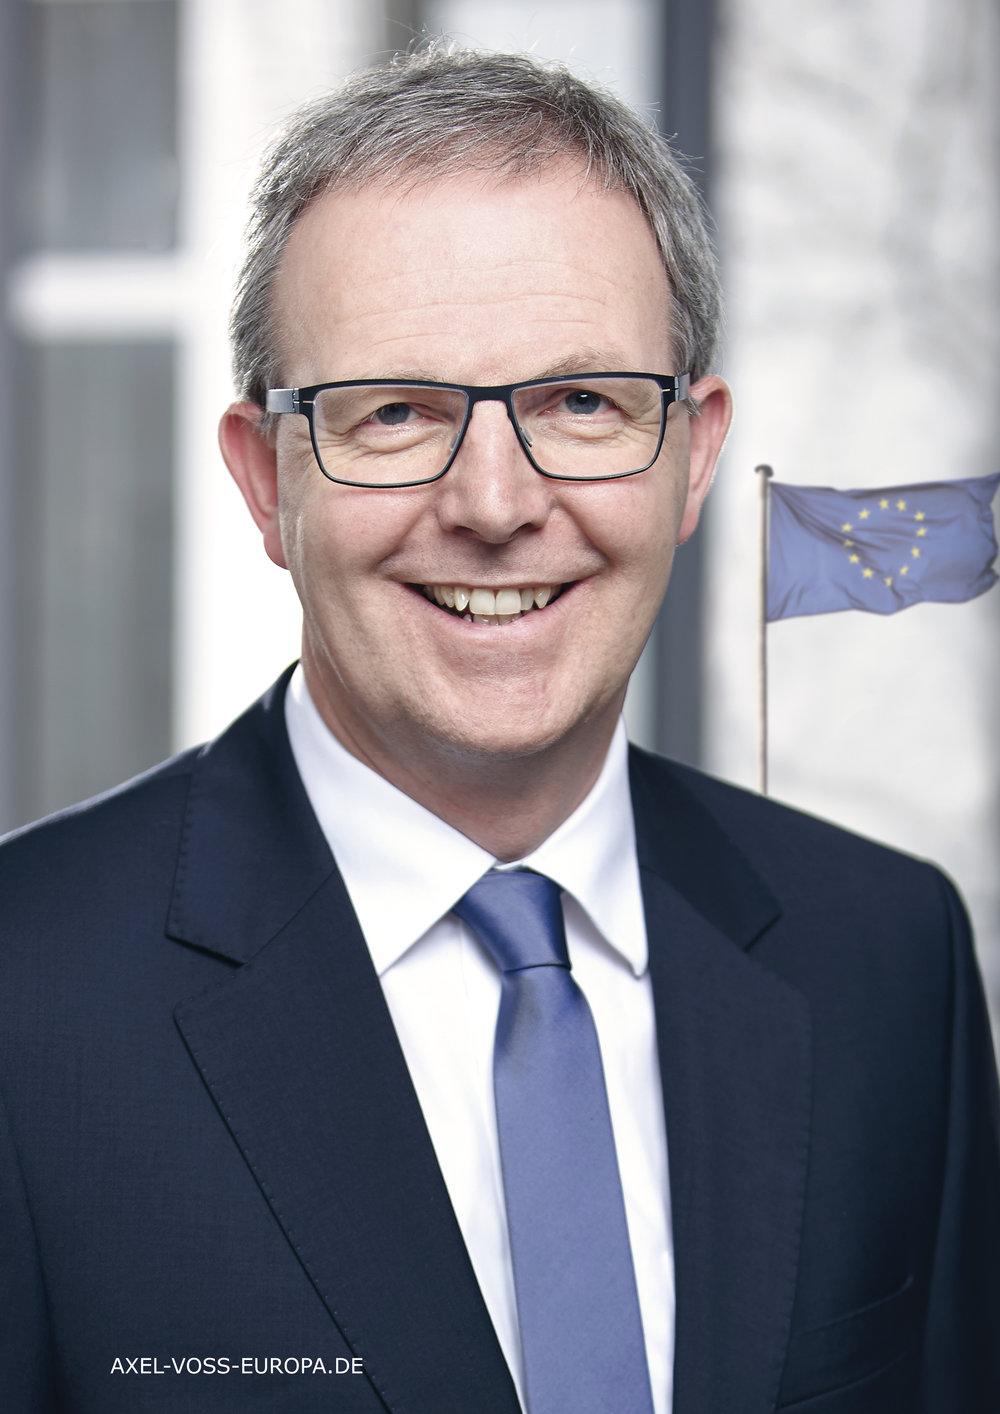 Axel Voss, Mitglied des Europäischen Parlaments